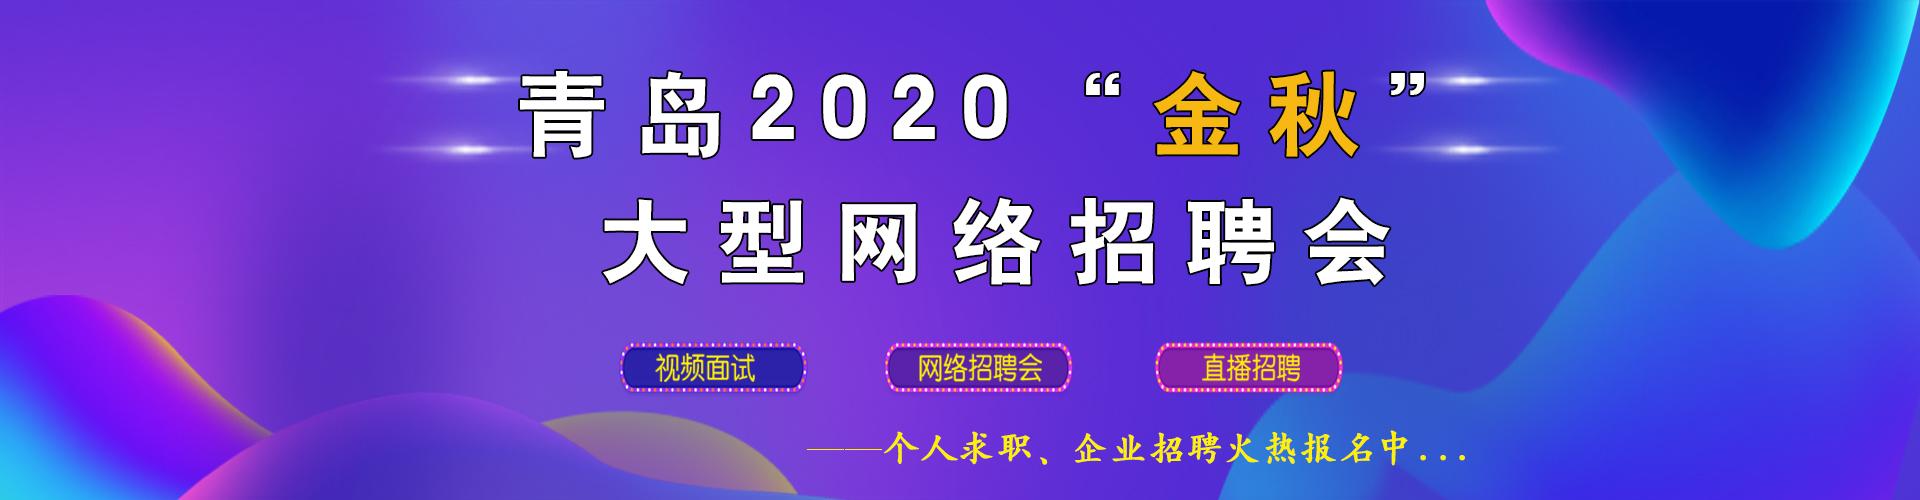 青岛2020金秋大型网络招聘会